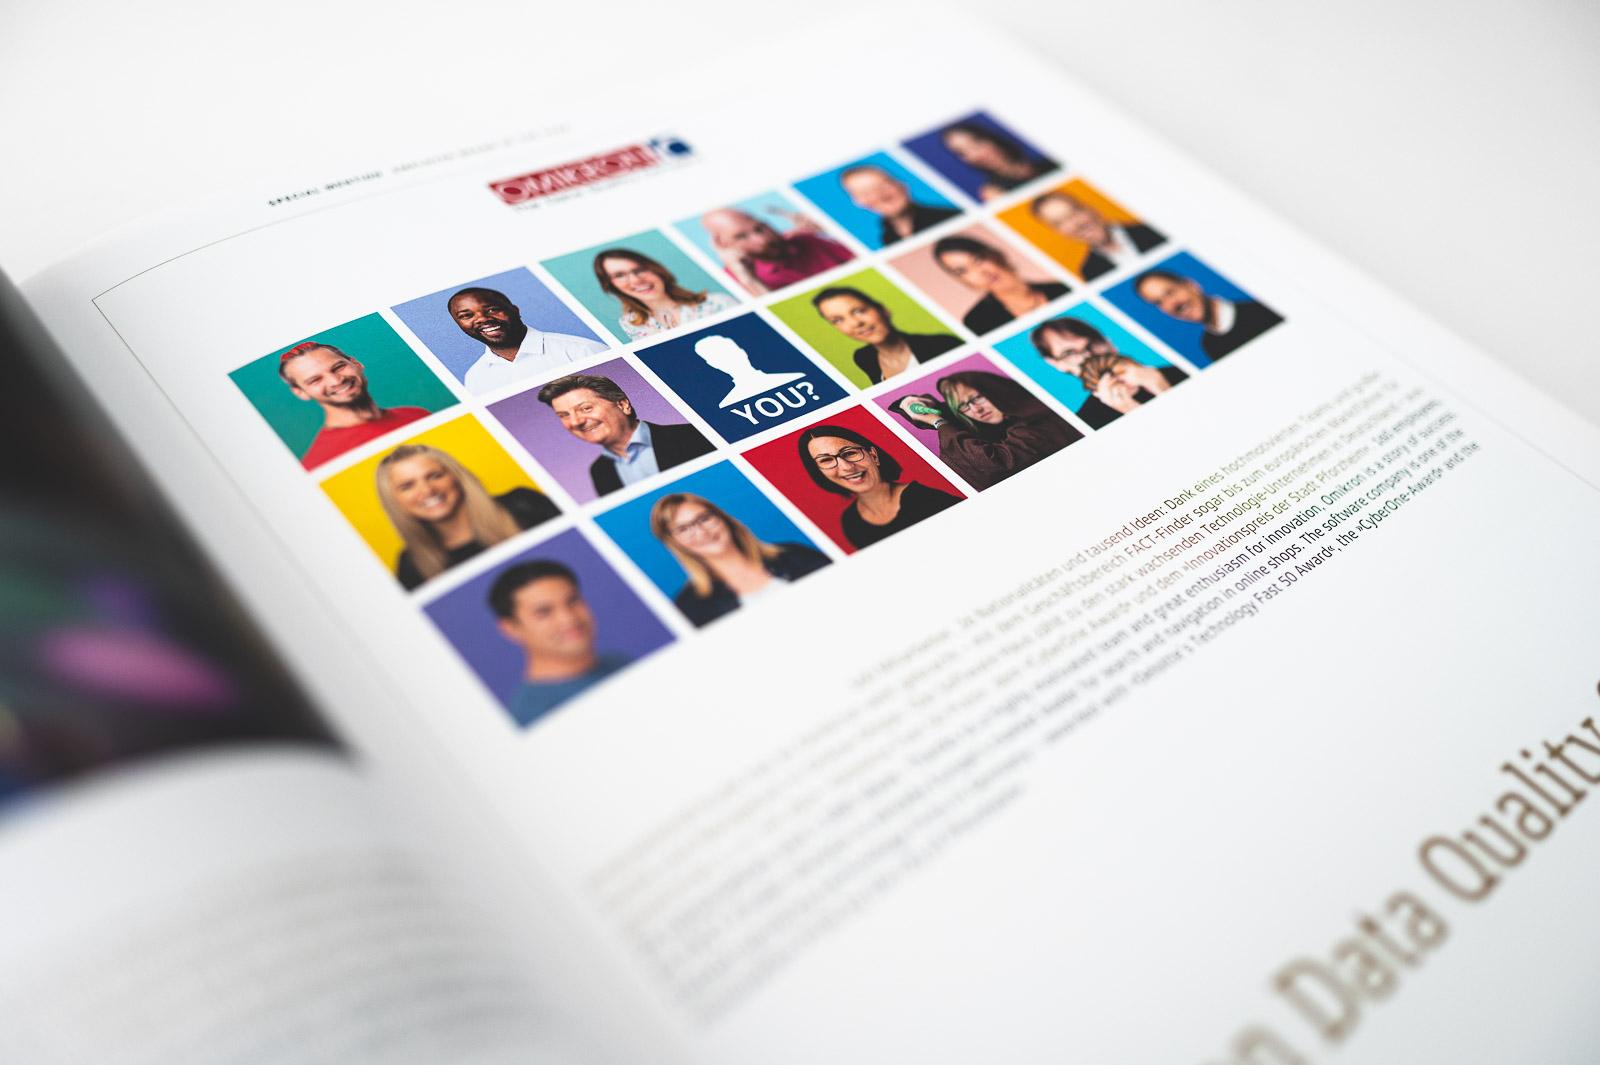 GERMAN BRAND AWARD 2020: Mit lebendigen Mitarbeiter-Portraits zur Special Mention